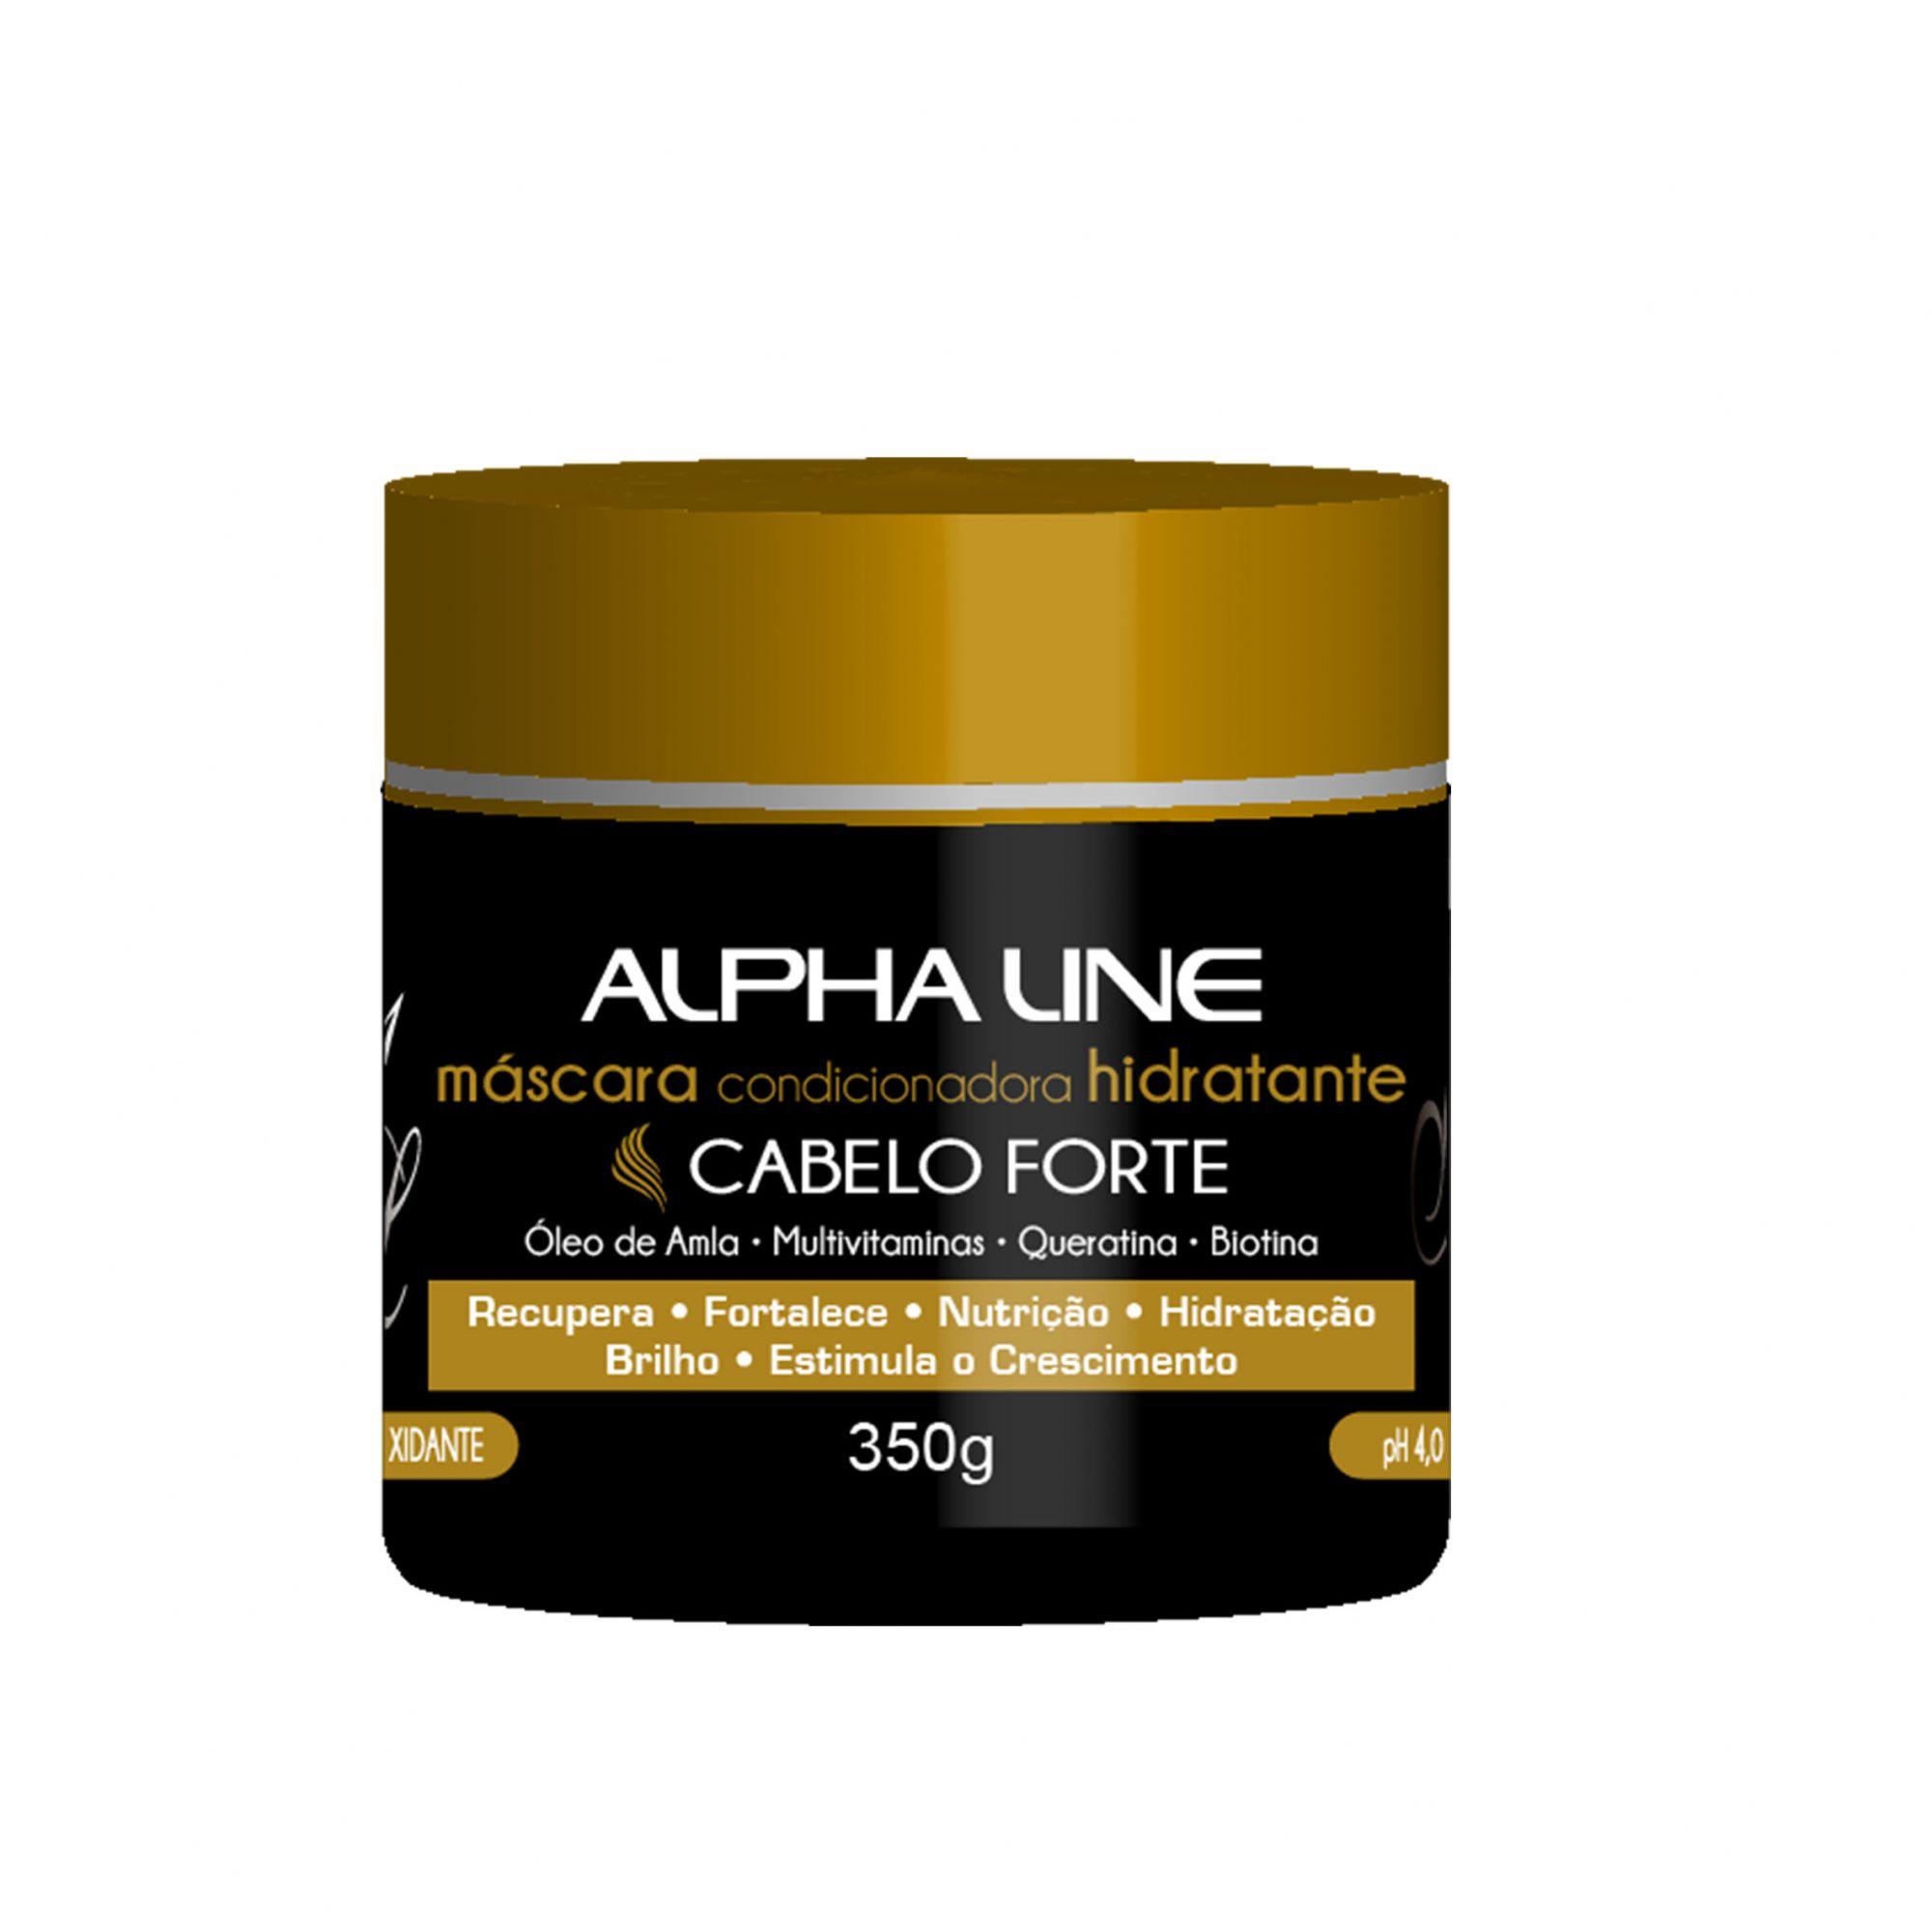 Alpha Line - Cabelo Forte Máscara 350g.